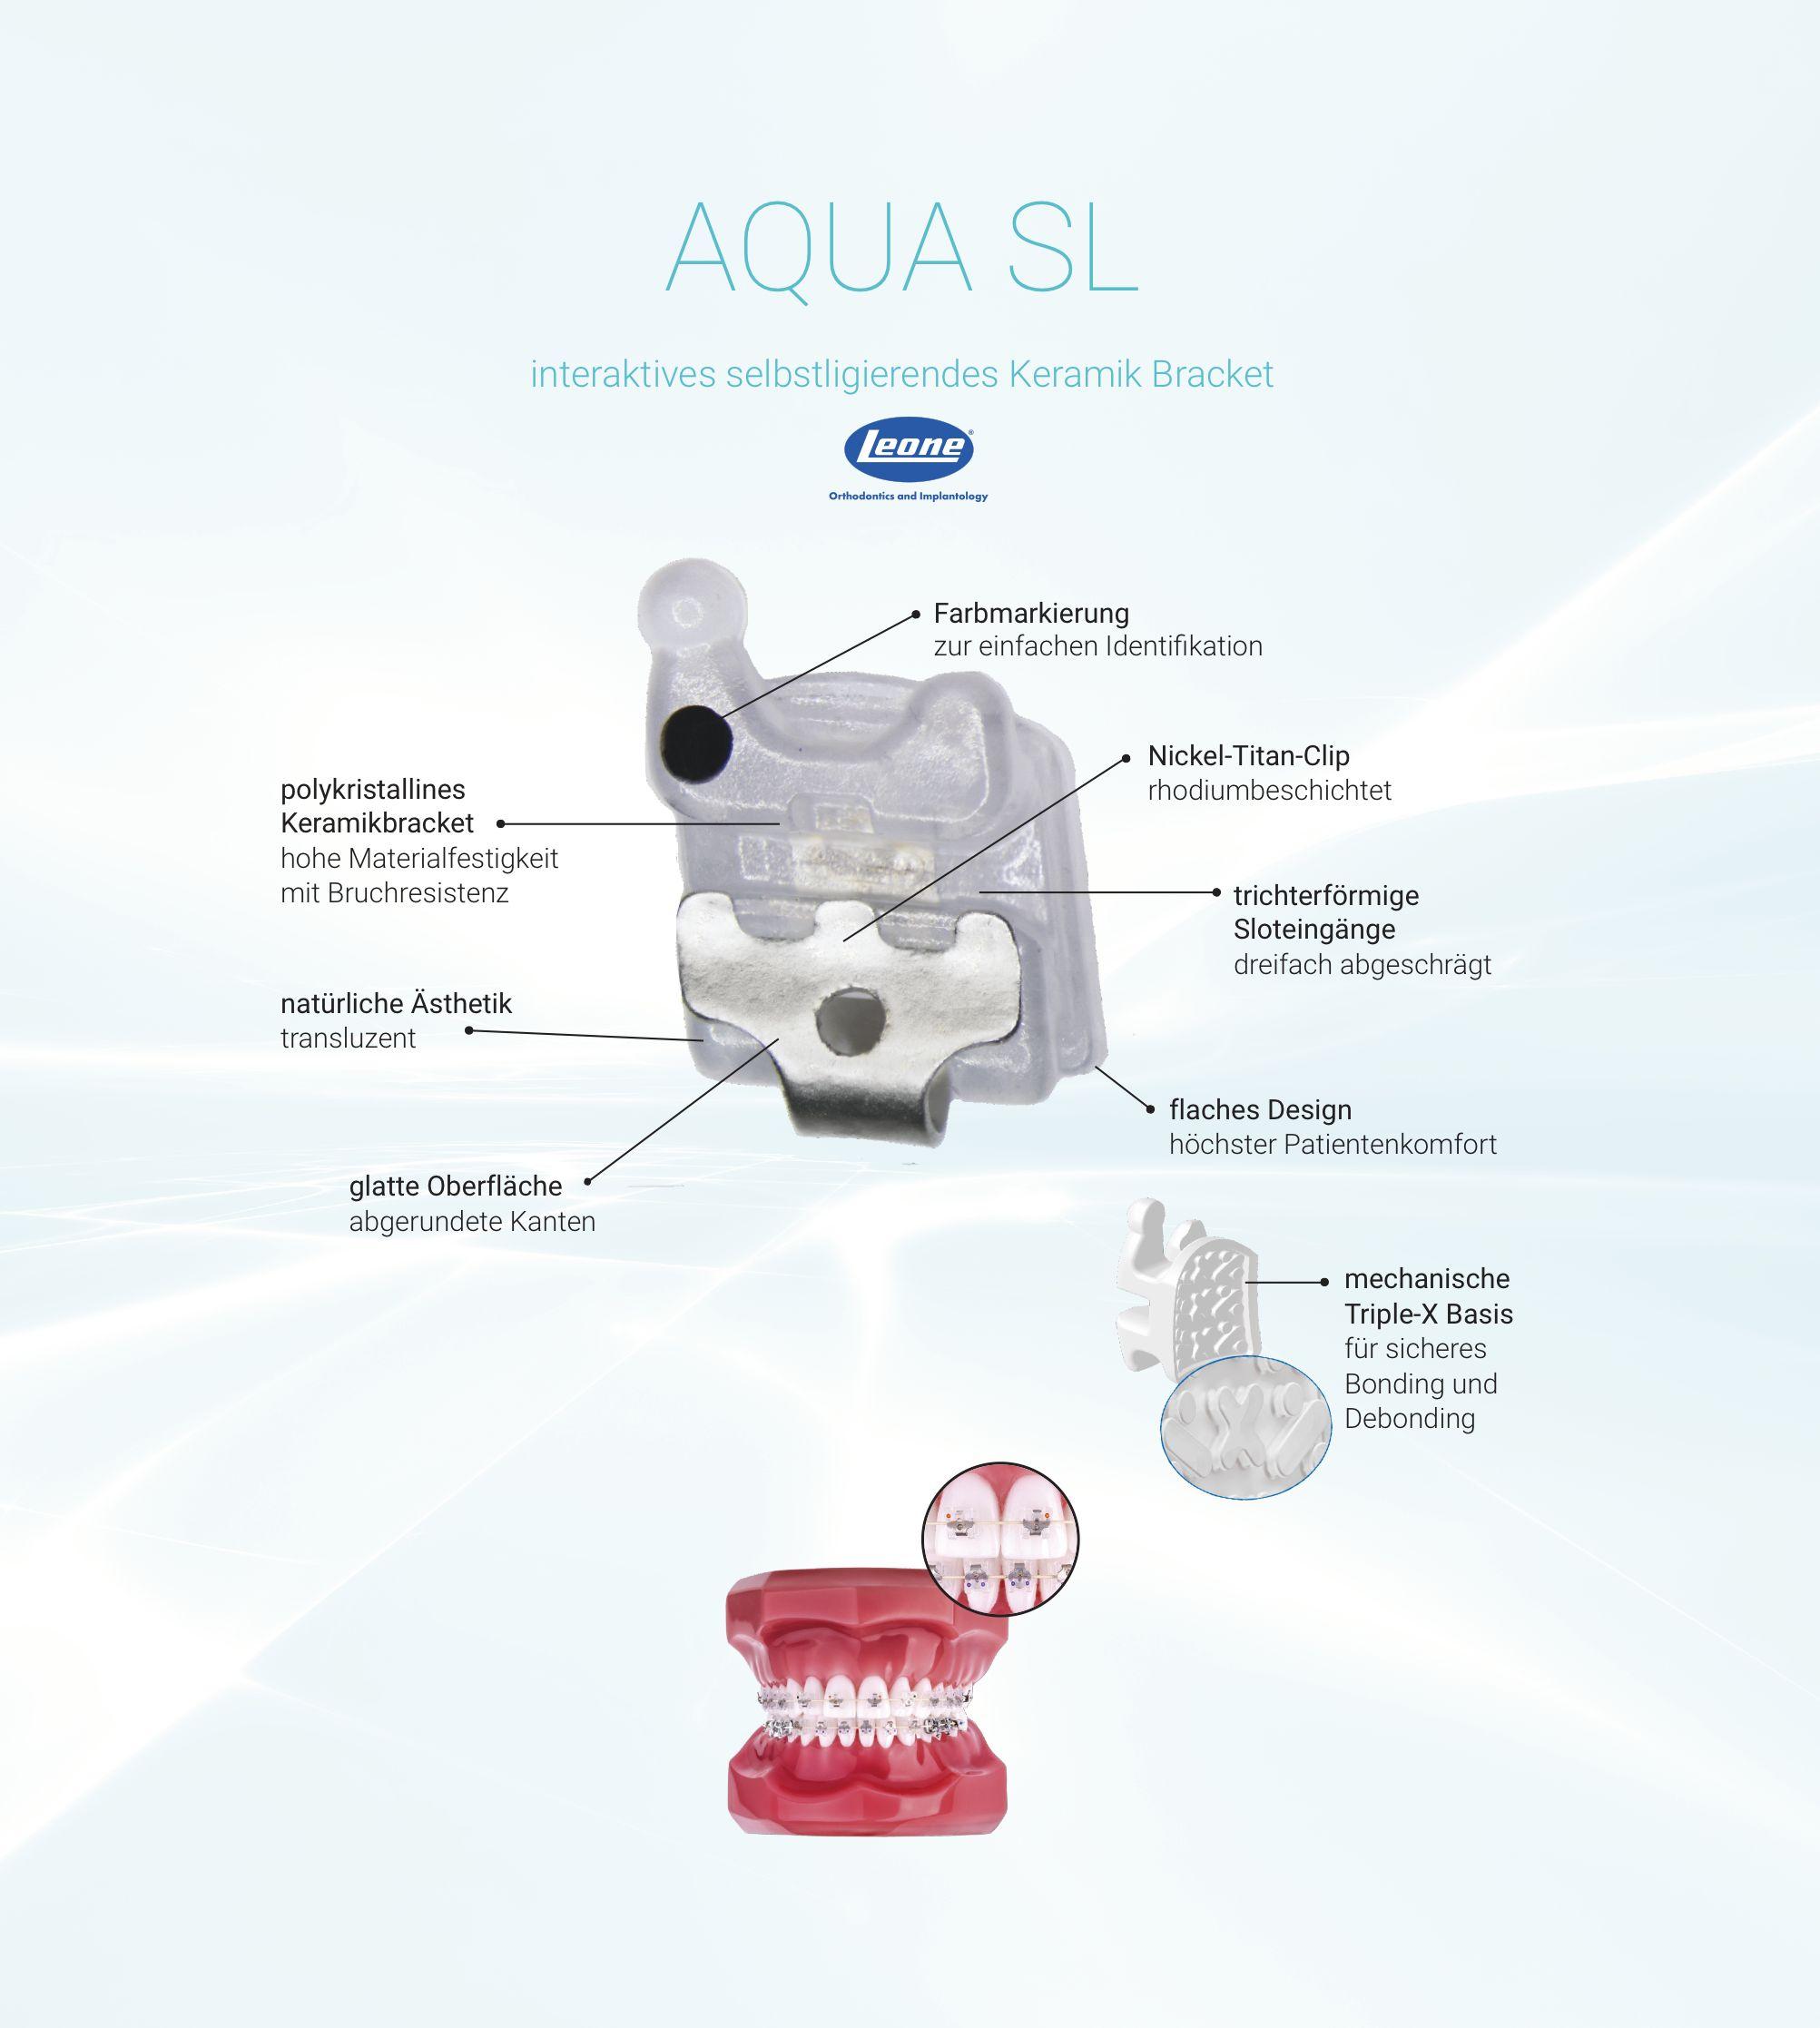 Aqua SL